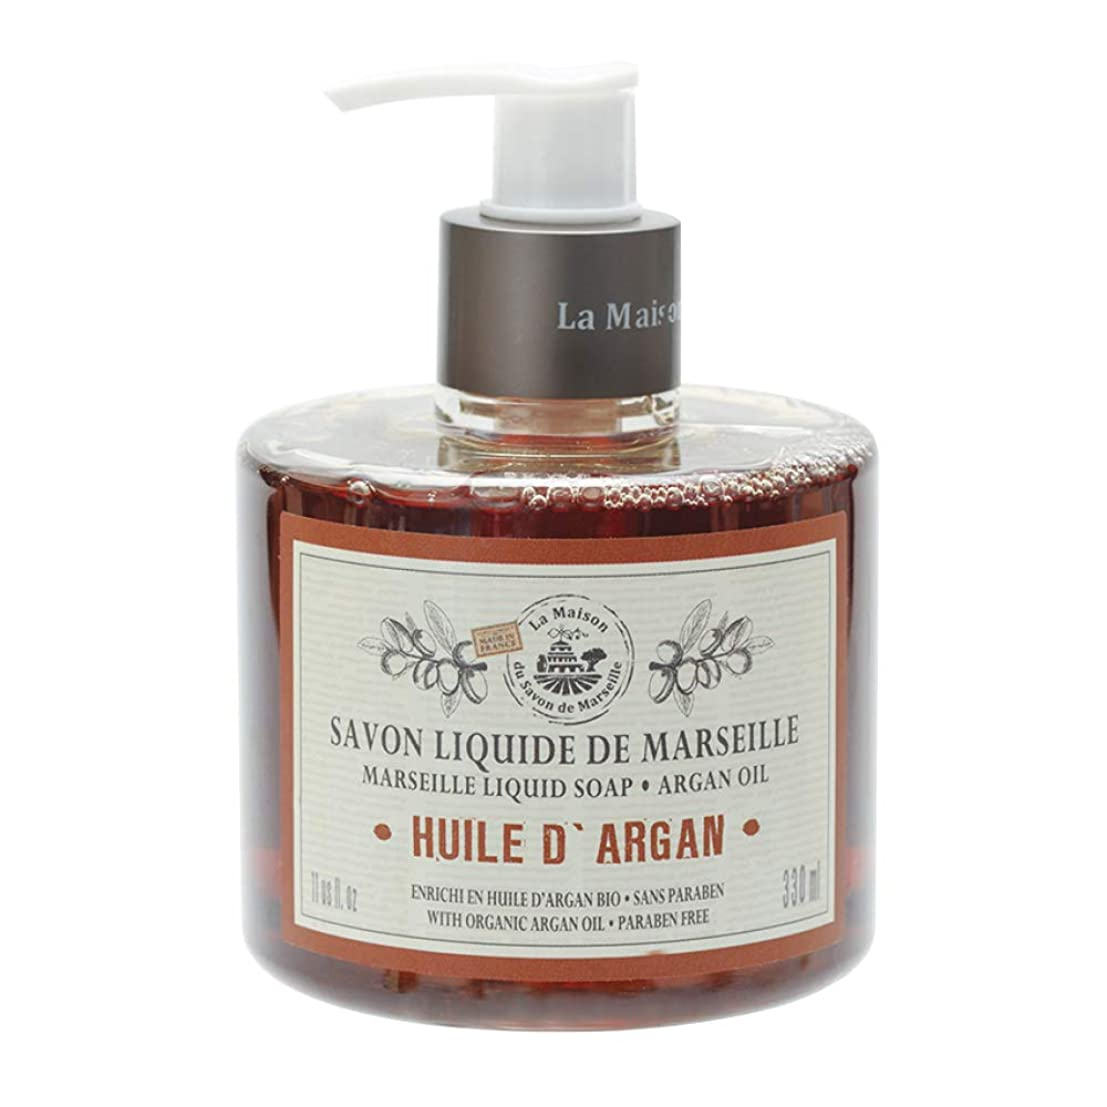 応答見分けるルネッサンスノルコーポレーション マルセイユ石鹸 リキッドソープ 330ml アルガンオイルの香り MLL-1-5